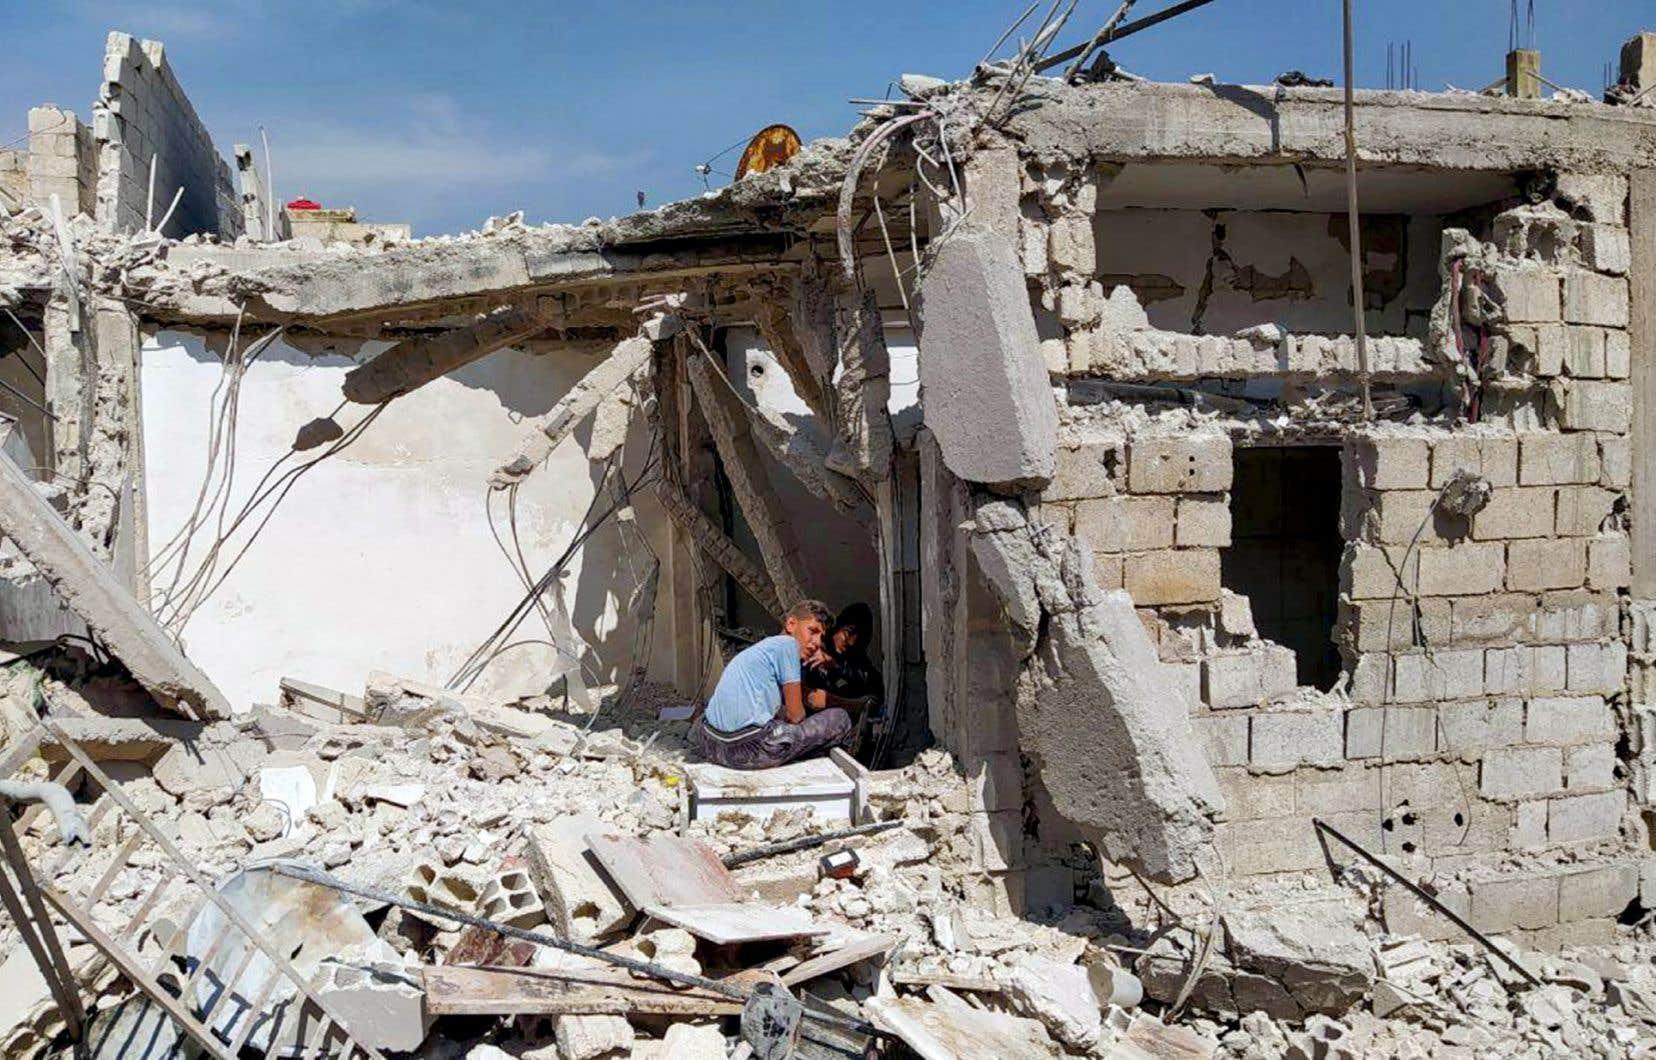 Depuis le 21avril, l'Observatoire syrien des droits de l'homme et des médias d'État syriens ont fait état d'au moins six frappes imputées à Israël contre des positions iraniennes ou de groupes proches de l'Iran, y compris le Hezbollah libanais, en Syrie.